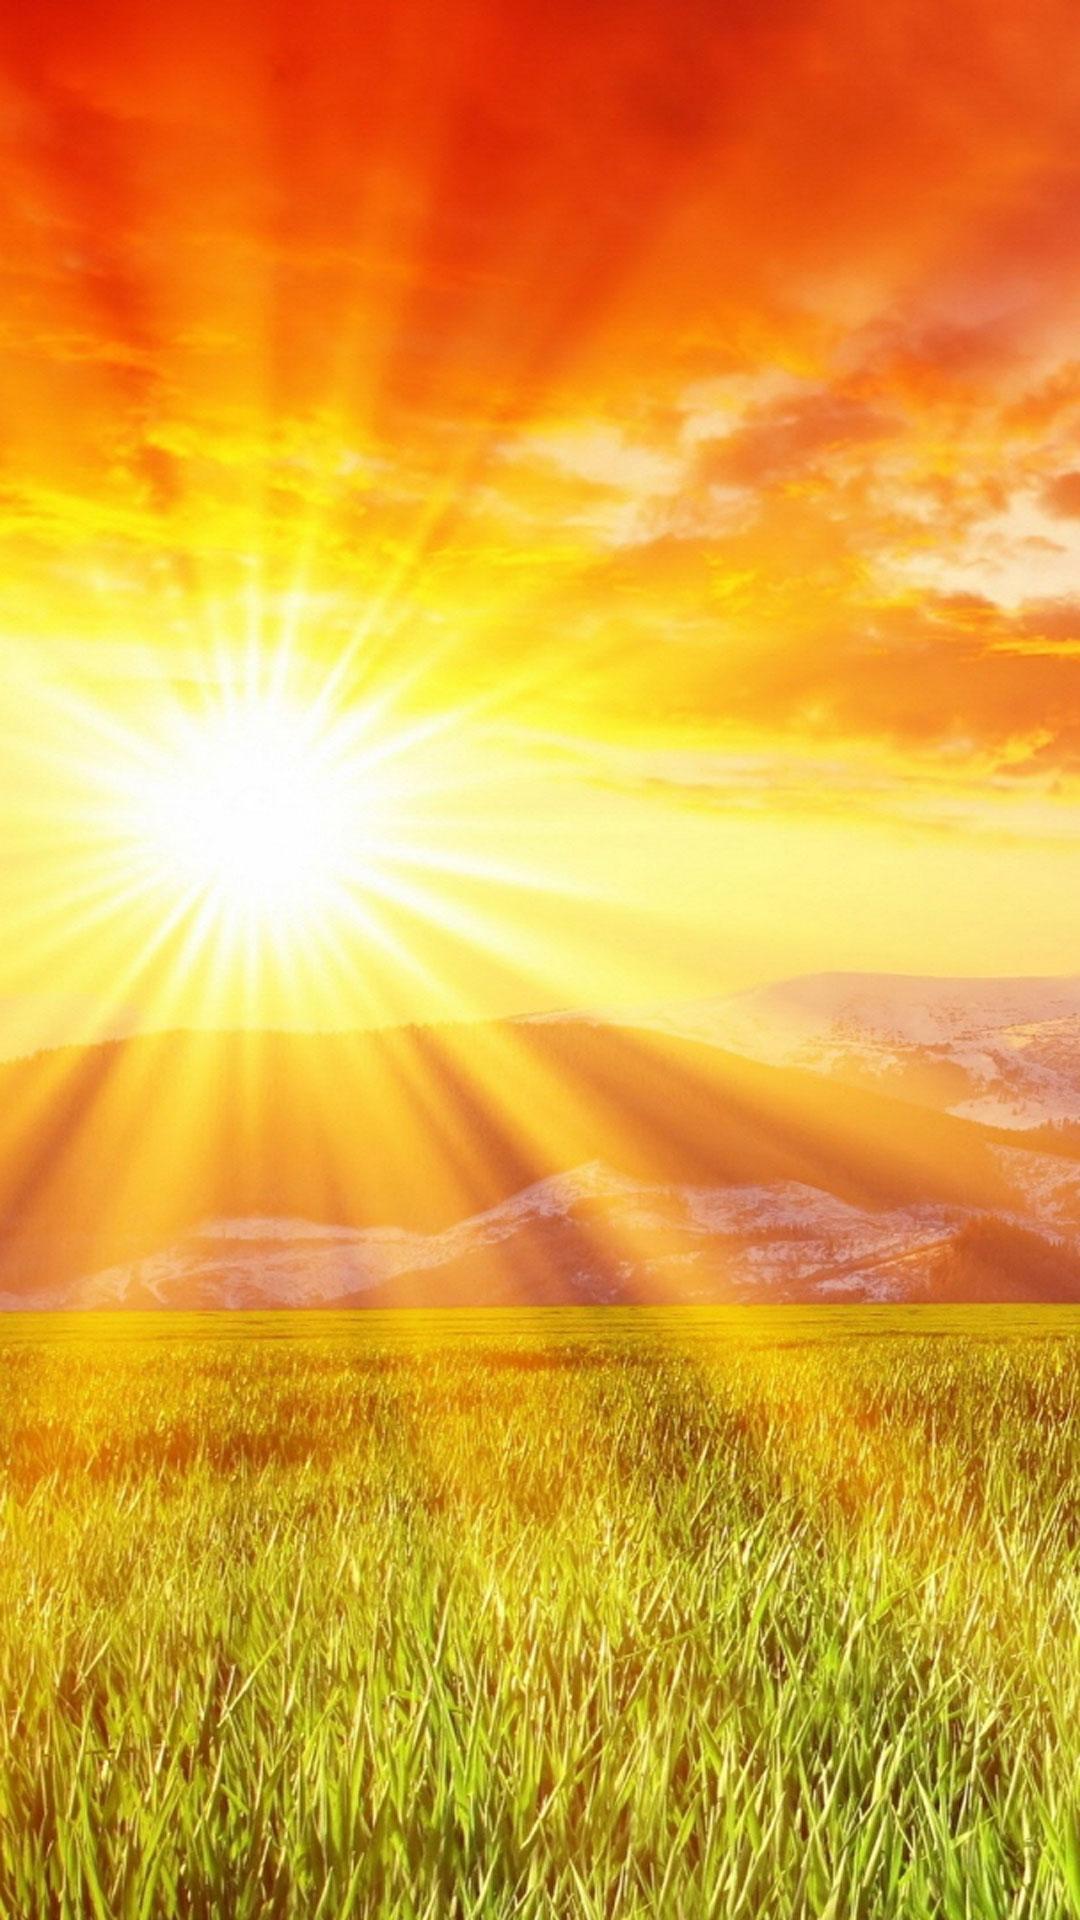 Matahari Terbit Gambar Animasi For Android APK Download